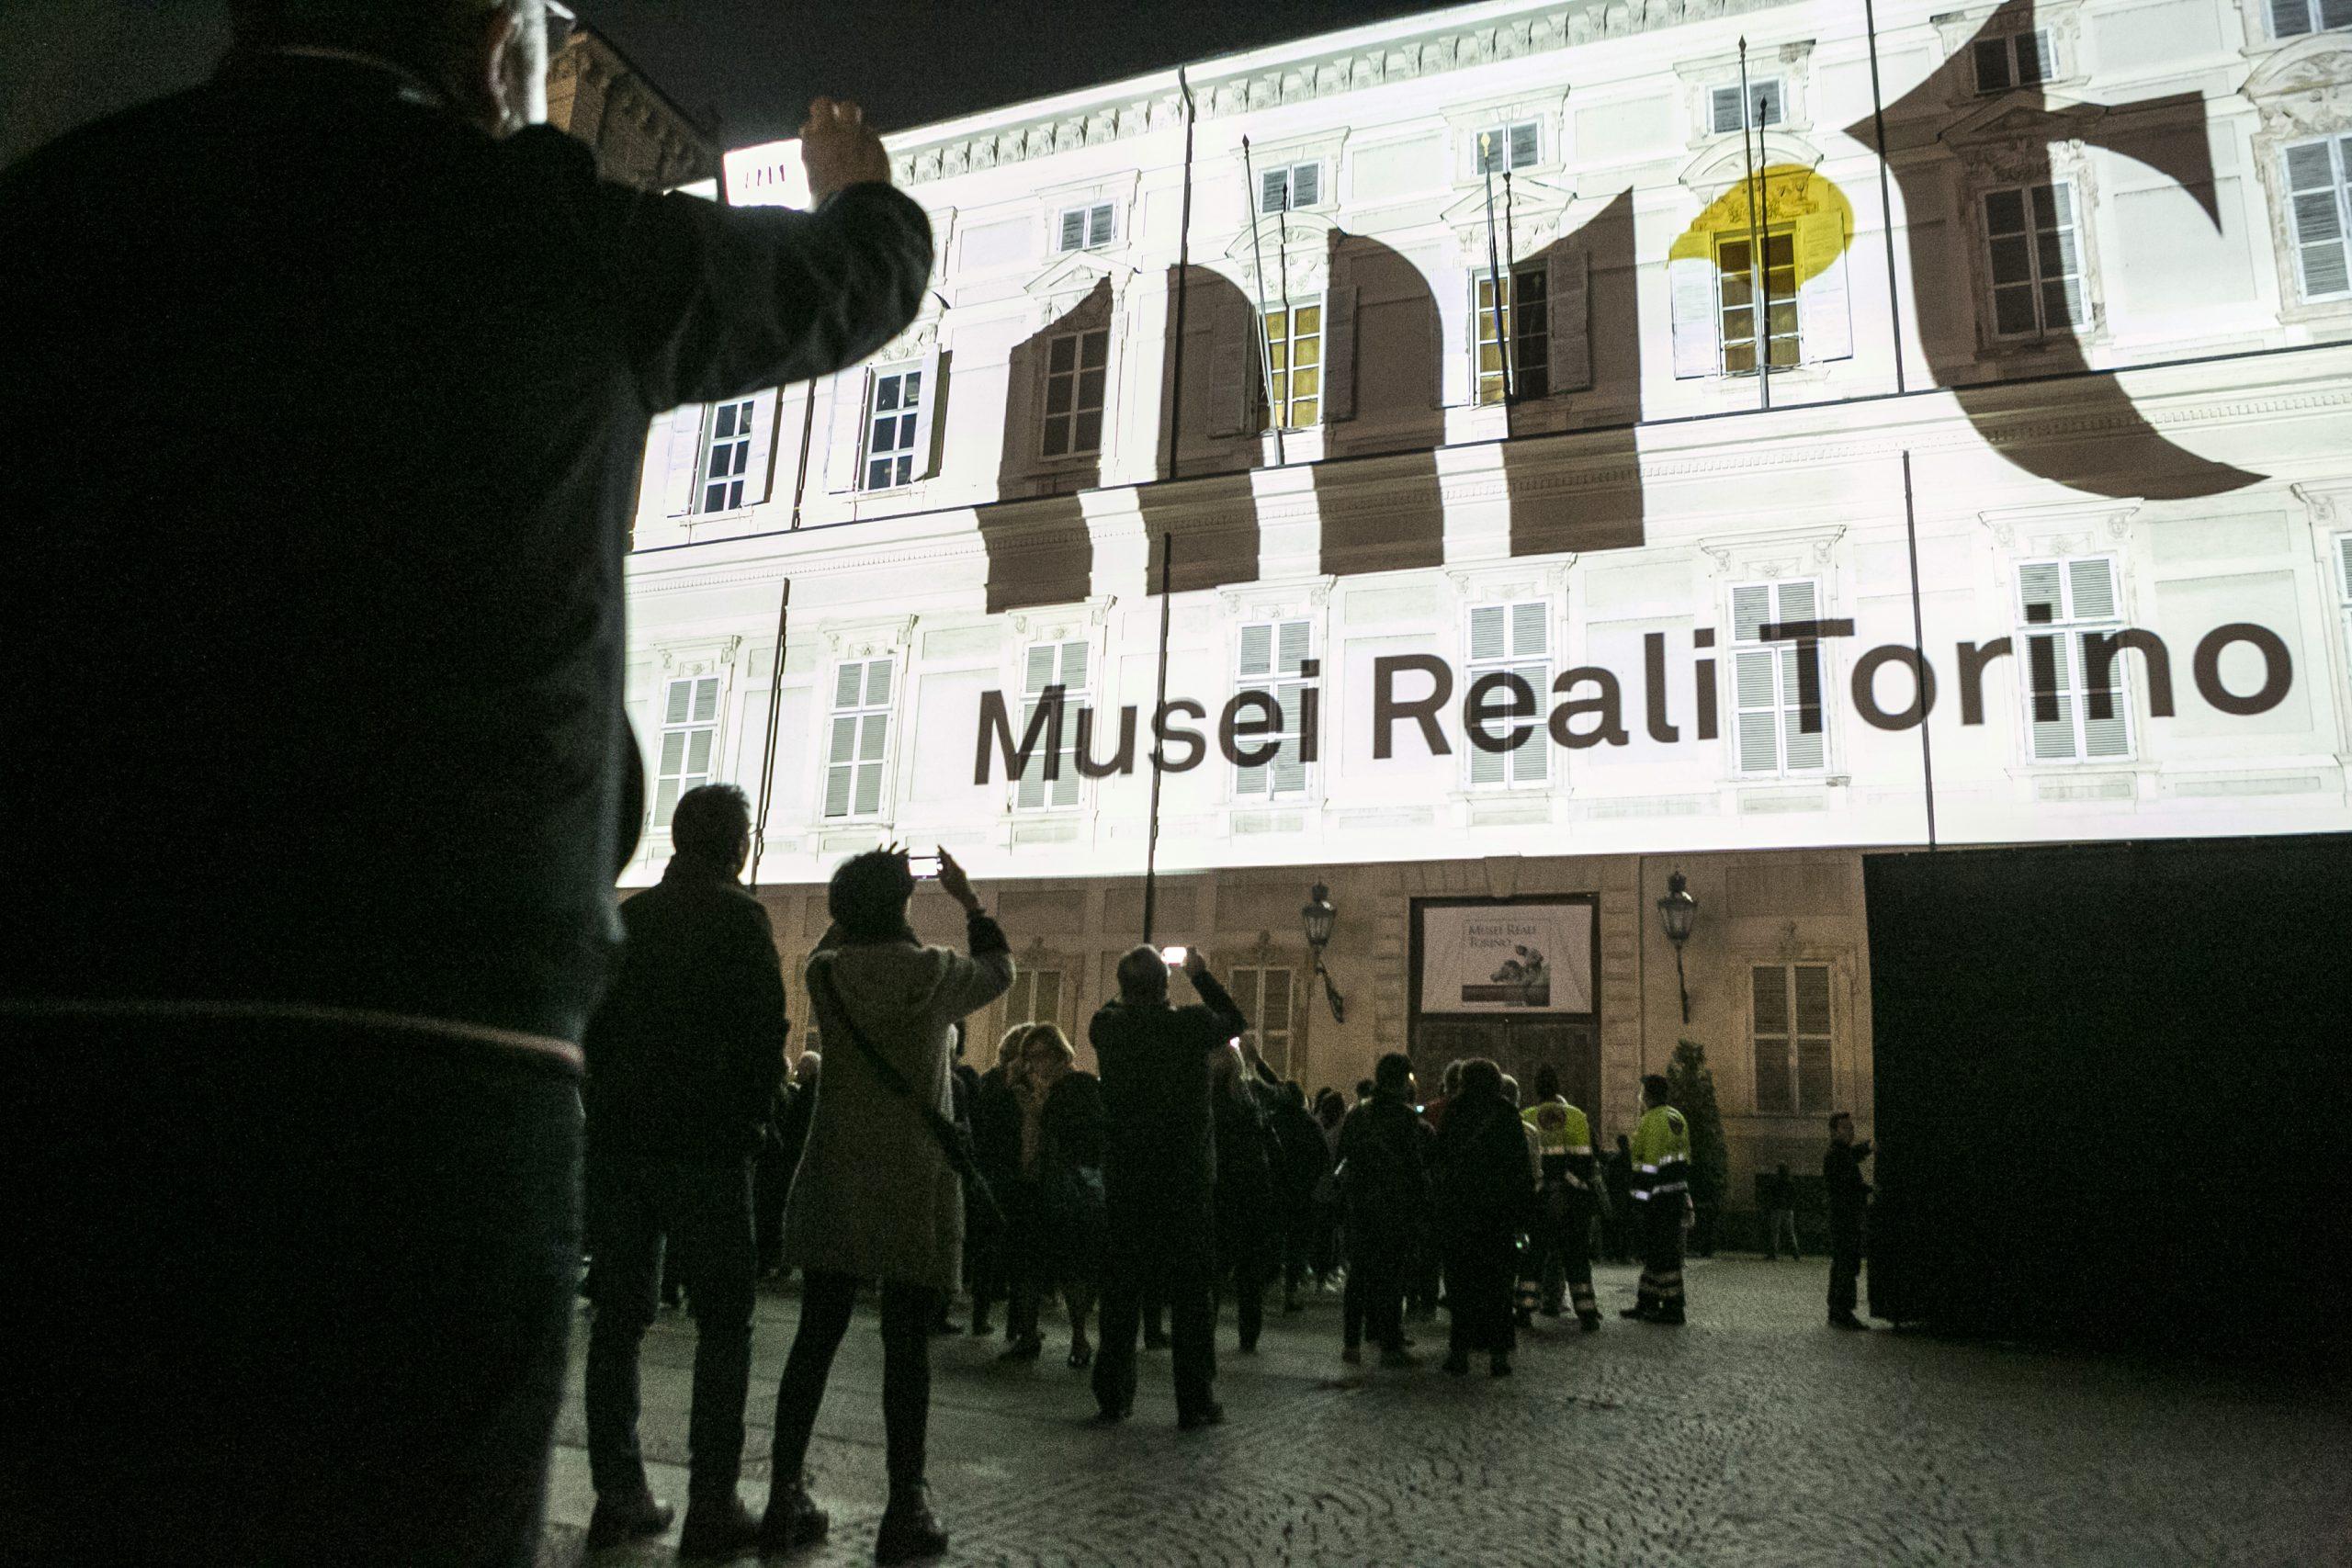 Piano Strategico e Business Plan dei Musei Reali di Torino